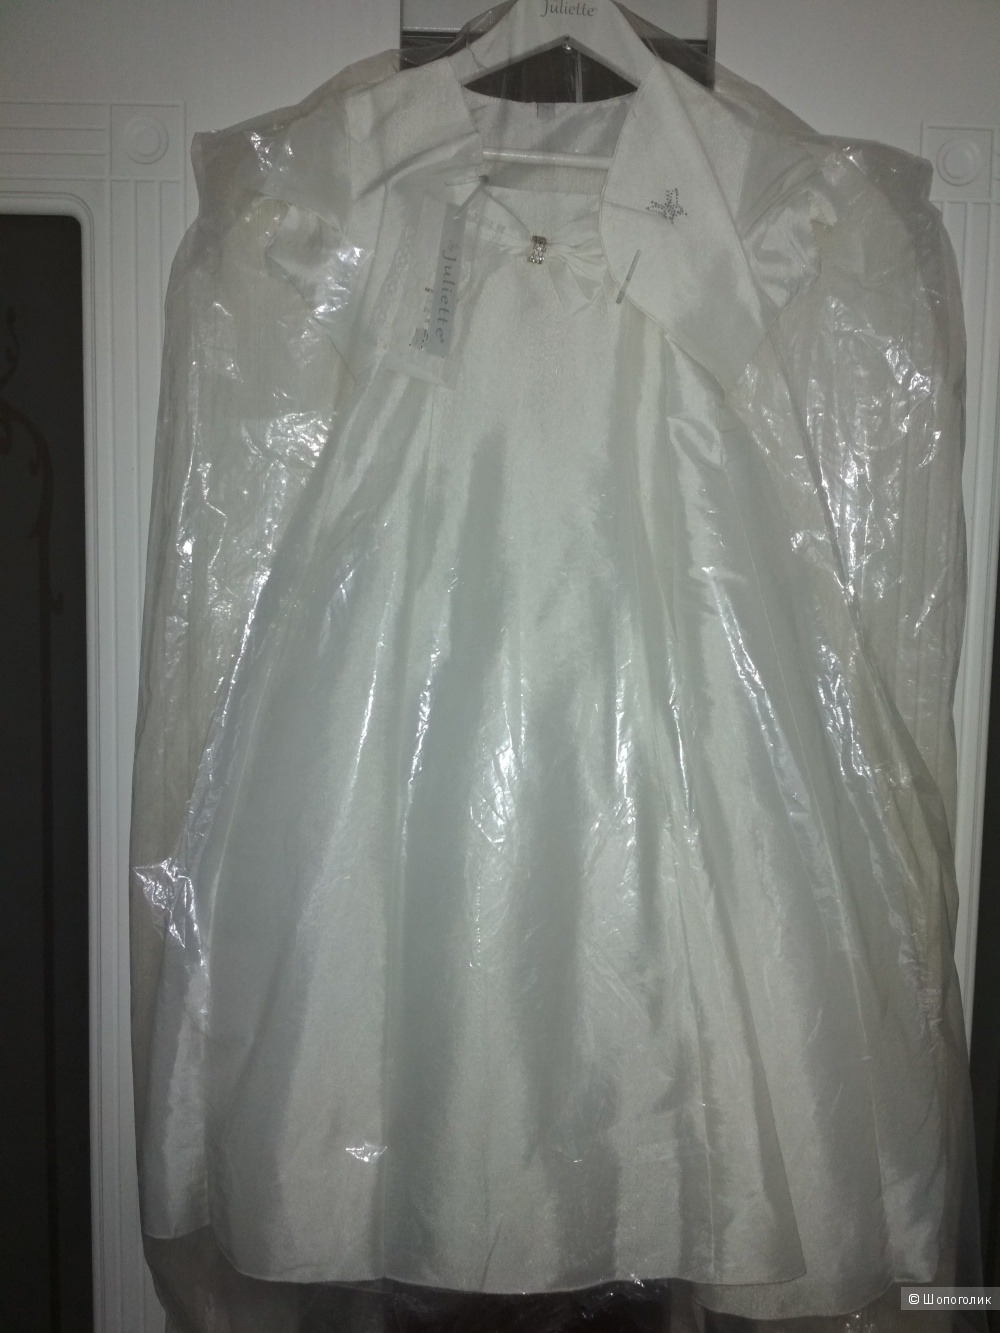 Платье juliette размер 7